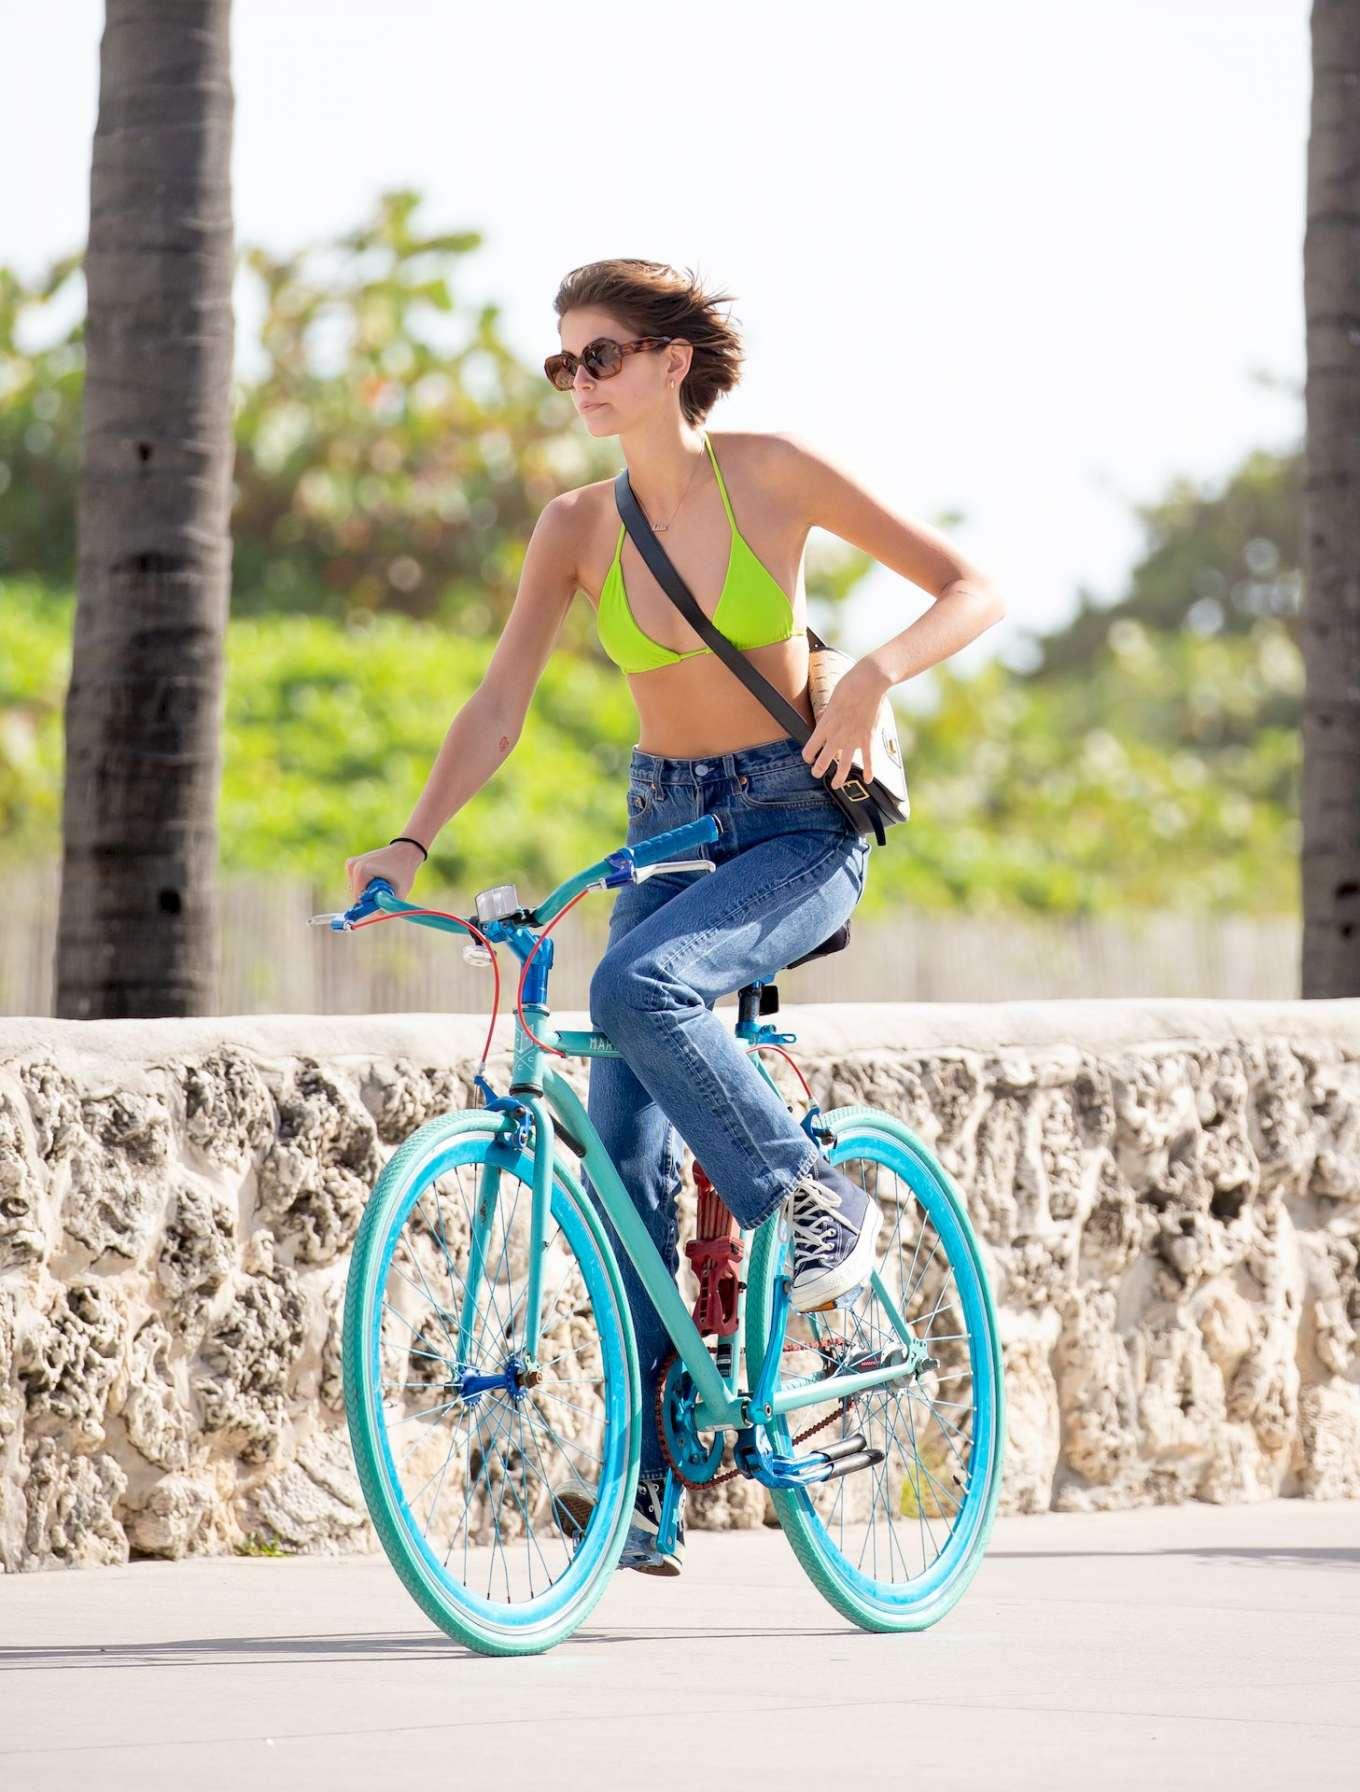 Kaia Gerber 2020 : Kaia Gerber in Bikini Top – Bike Riding in Miami-01